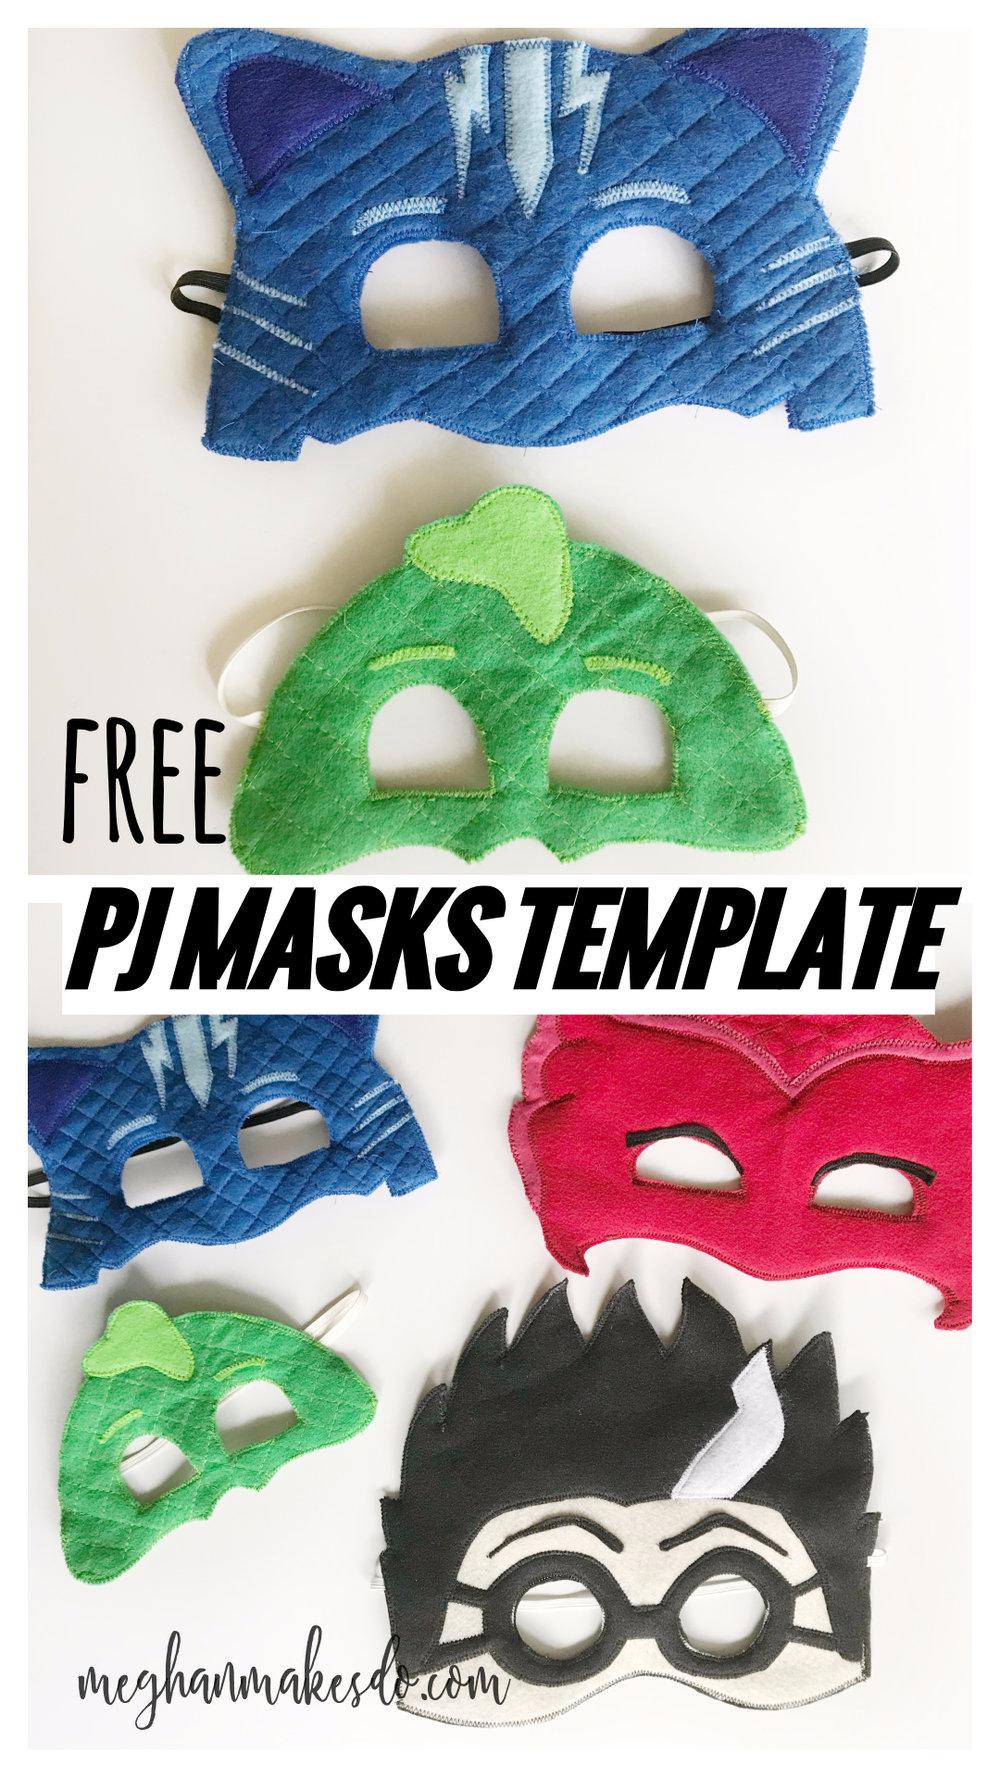 PJ Masks.jpg